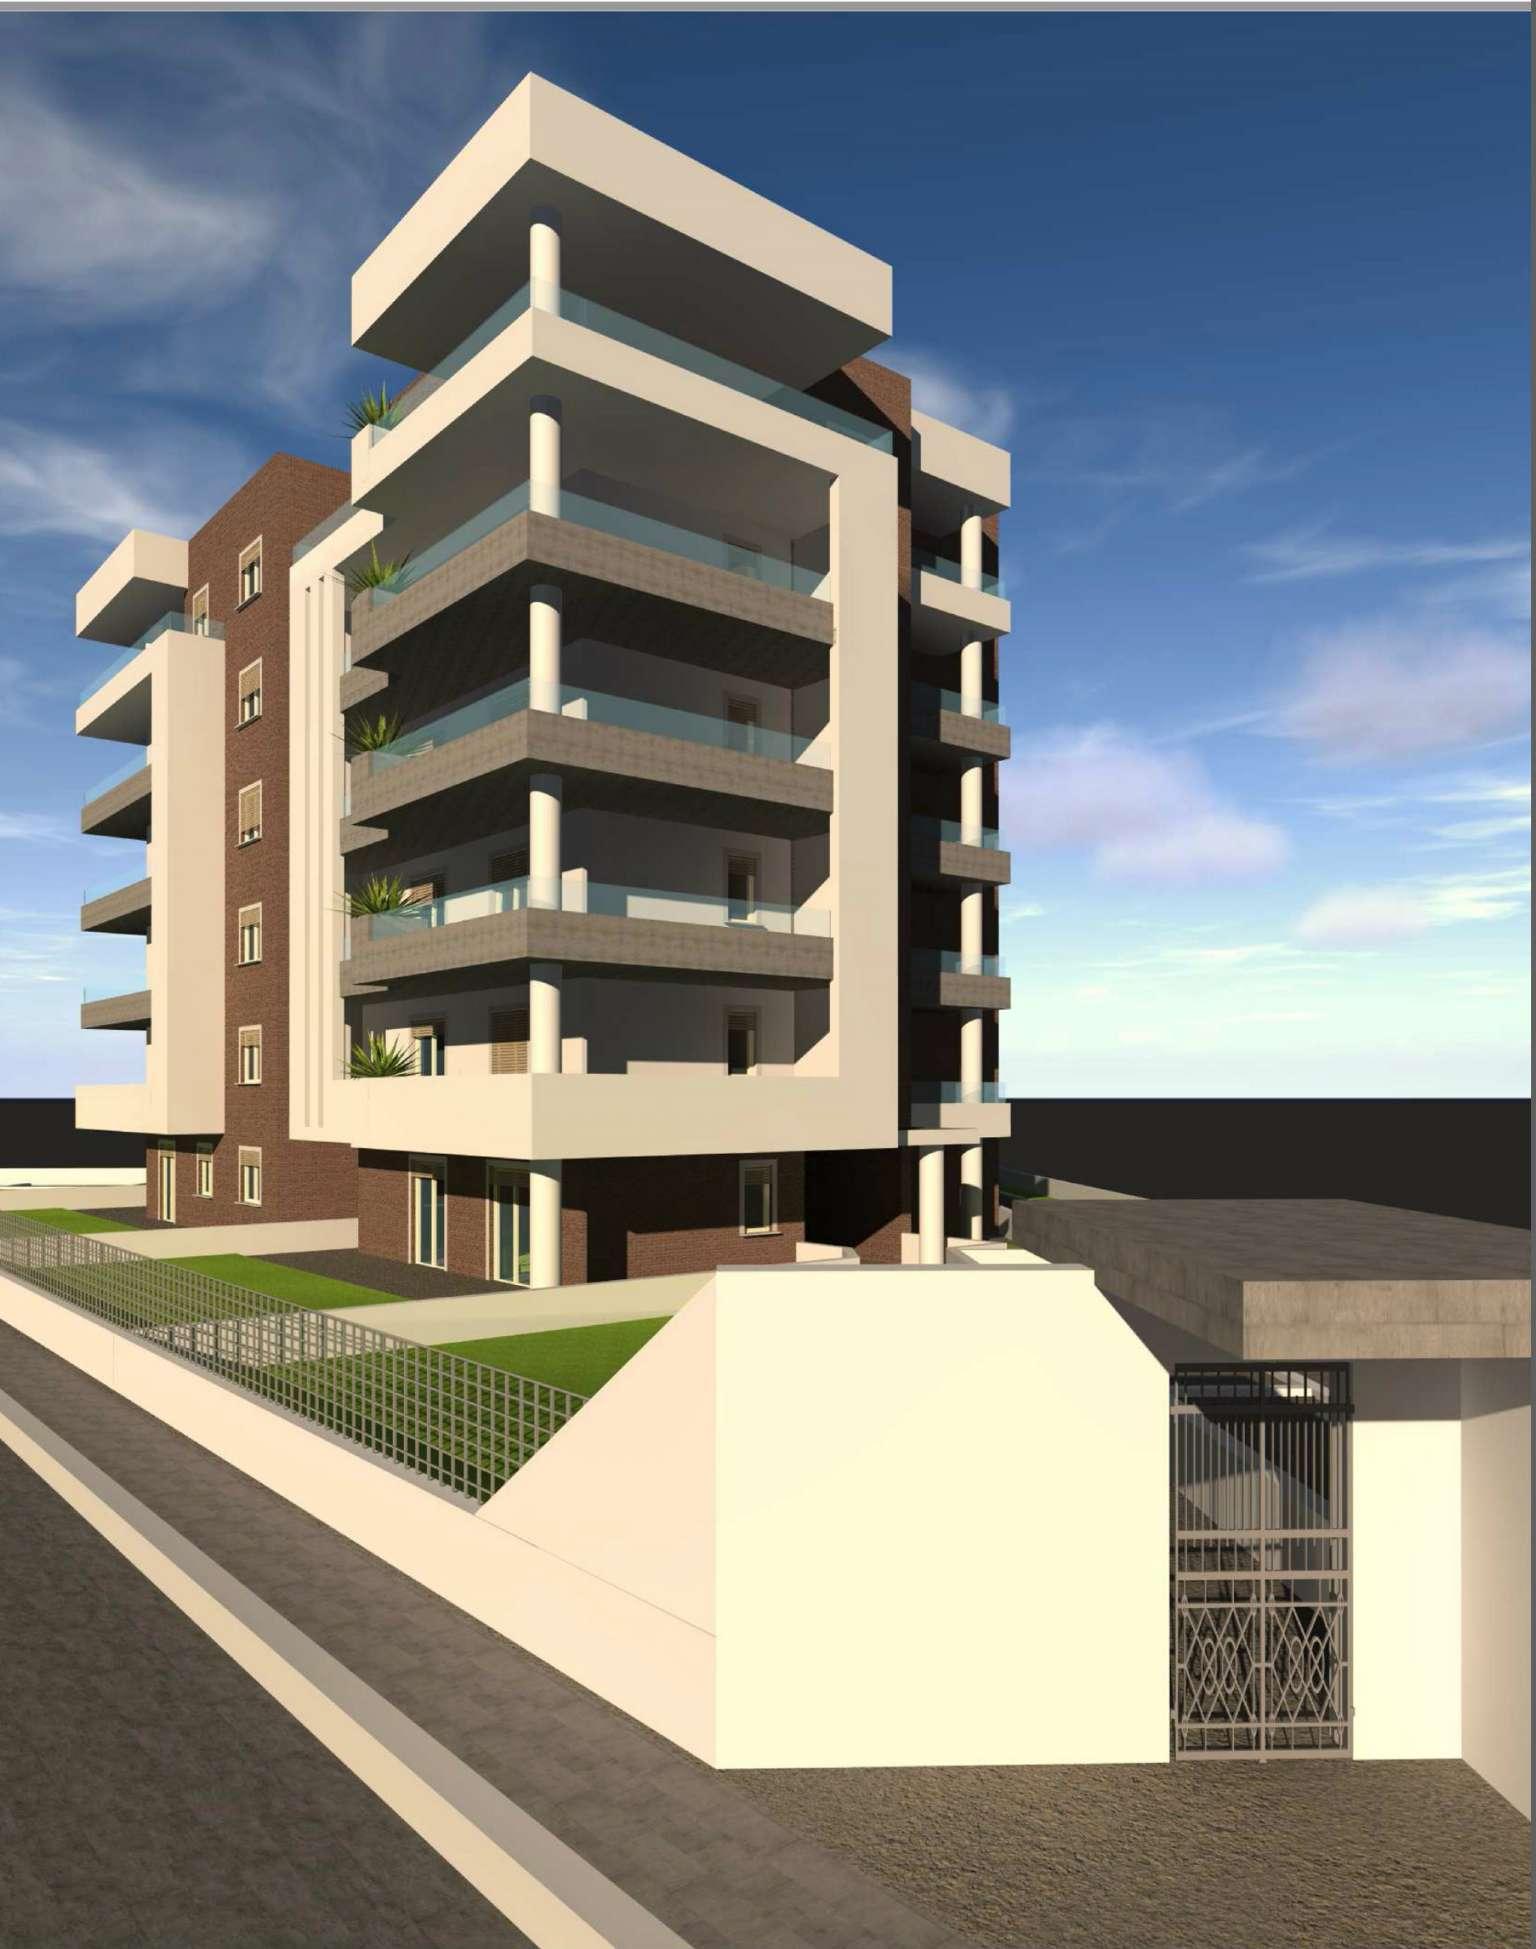 Attico / Mansarda in vendita a Guidonia Montecelio, 3 locali, prezzo € 240.000 | CambioCasa.it